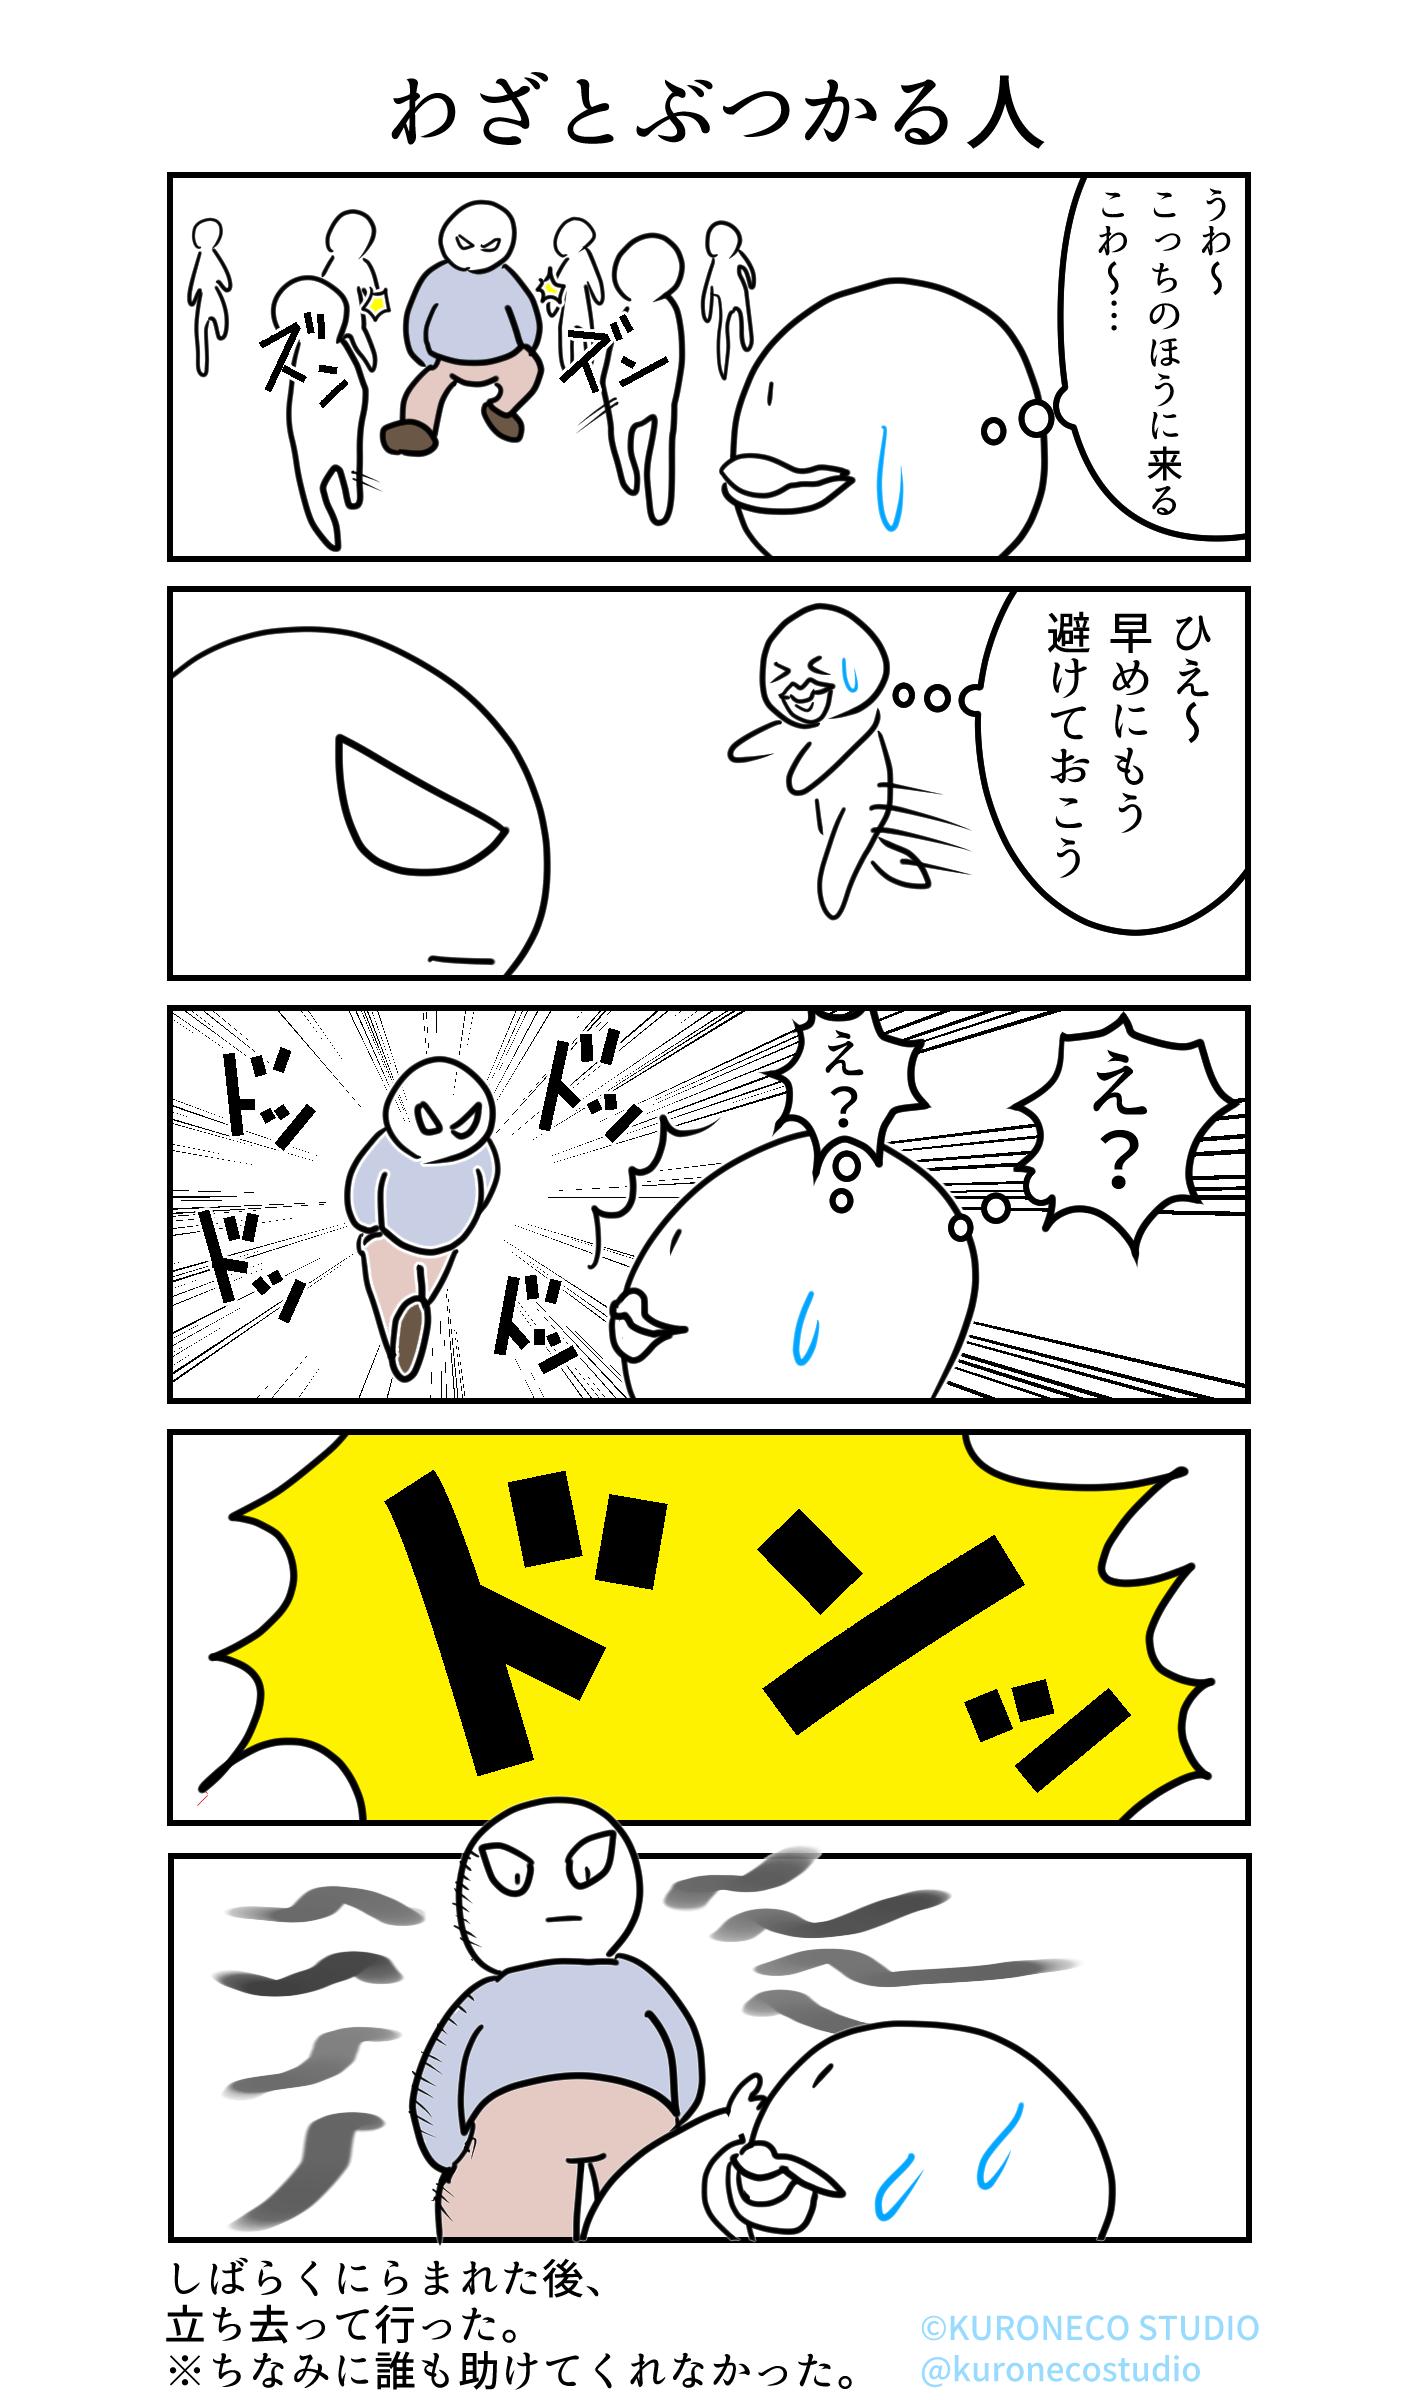 jibun_manga_0005